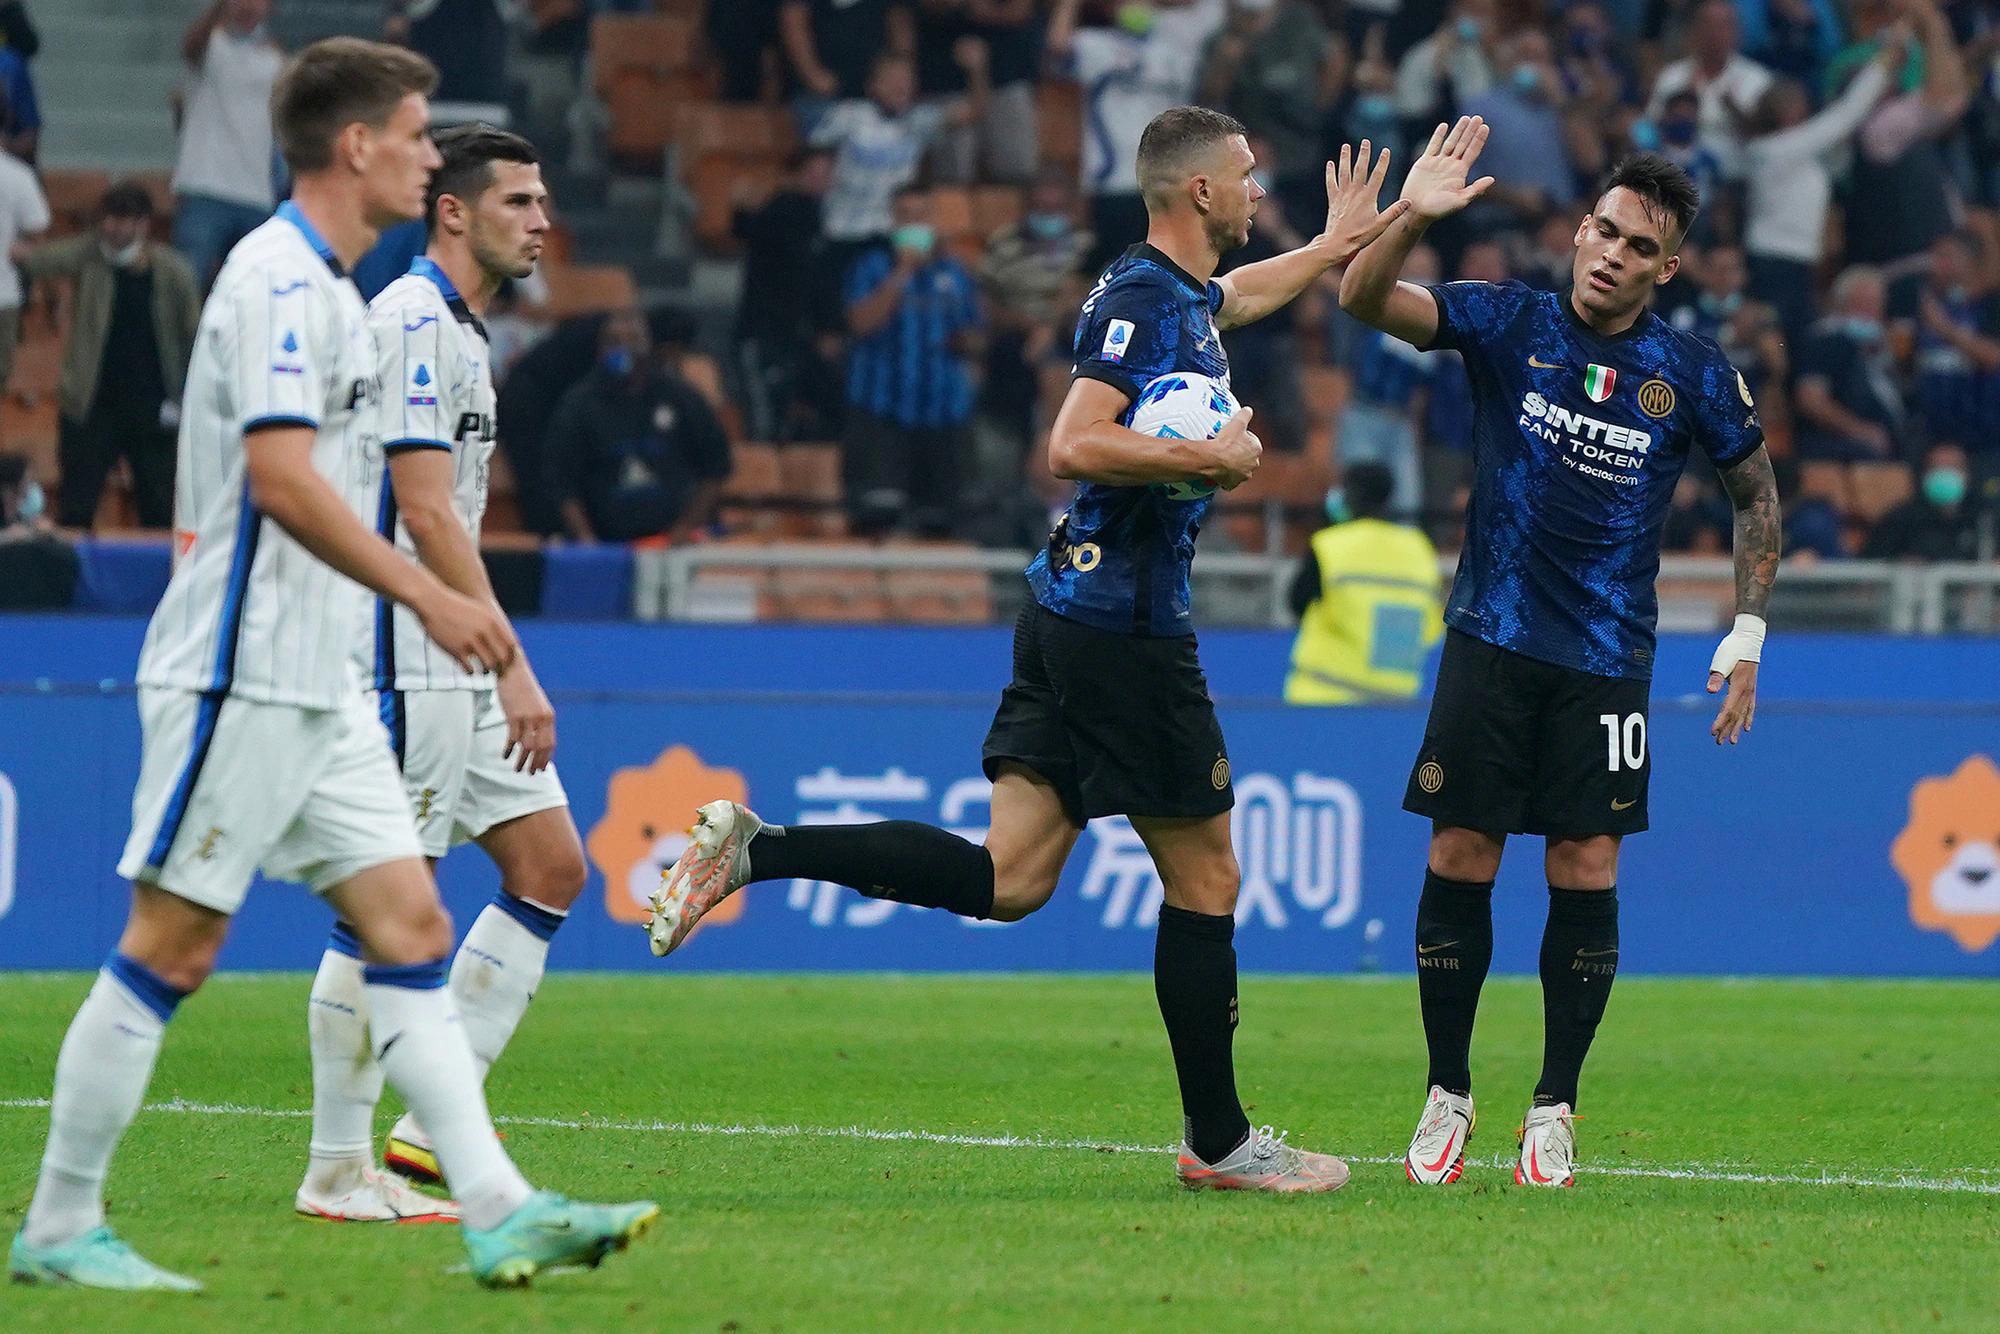 Dzeko chia vui với Martinez sau khi gỡ hoà 2-2 cho Inter trên sân Meazza hôm 25/9. Ảnh: Lapresse